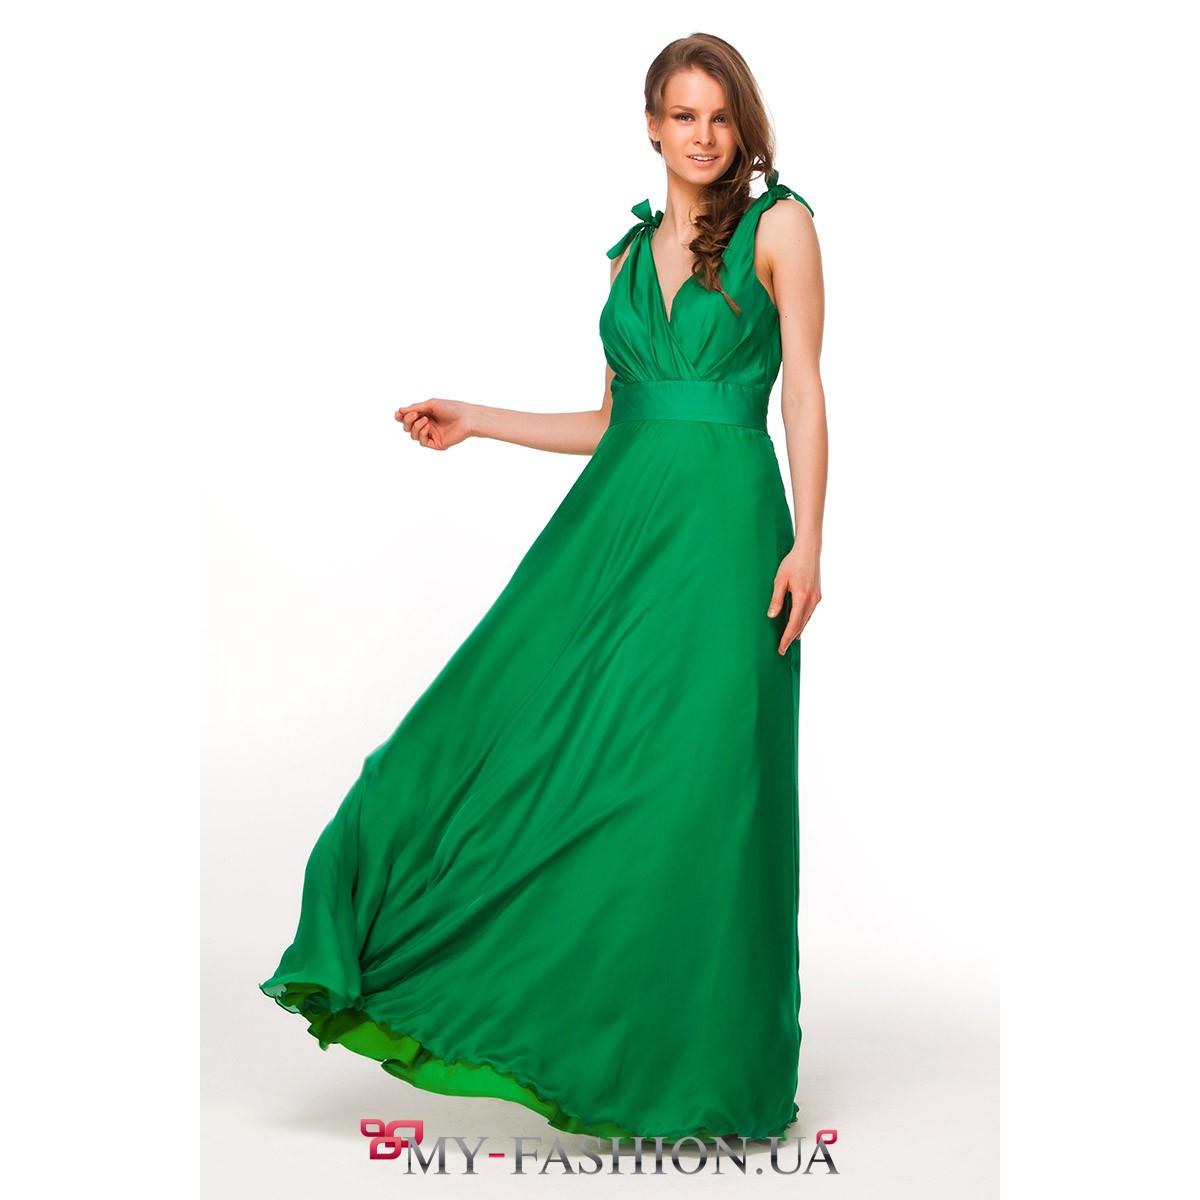 Платья Изумрудного Цвета Купить